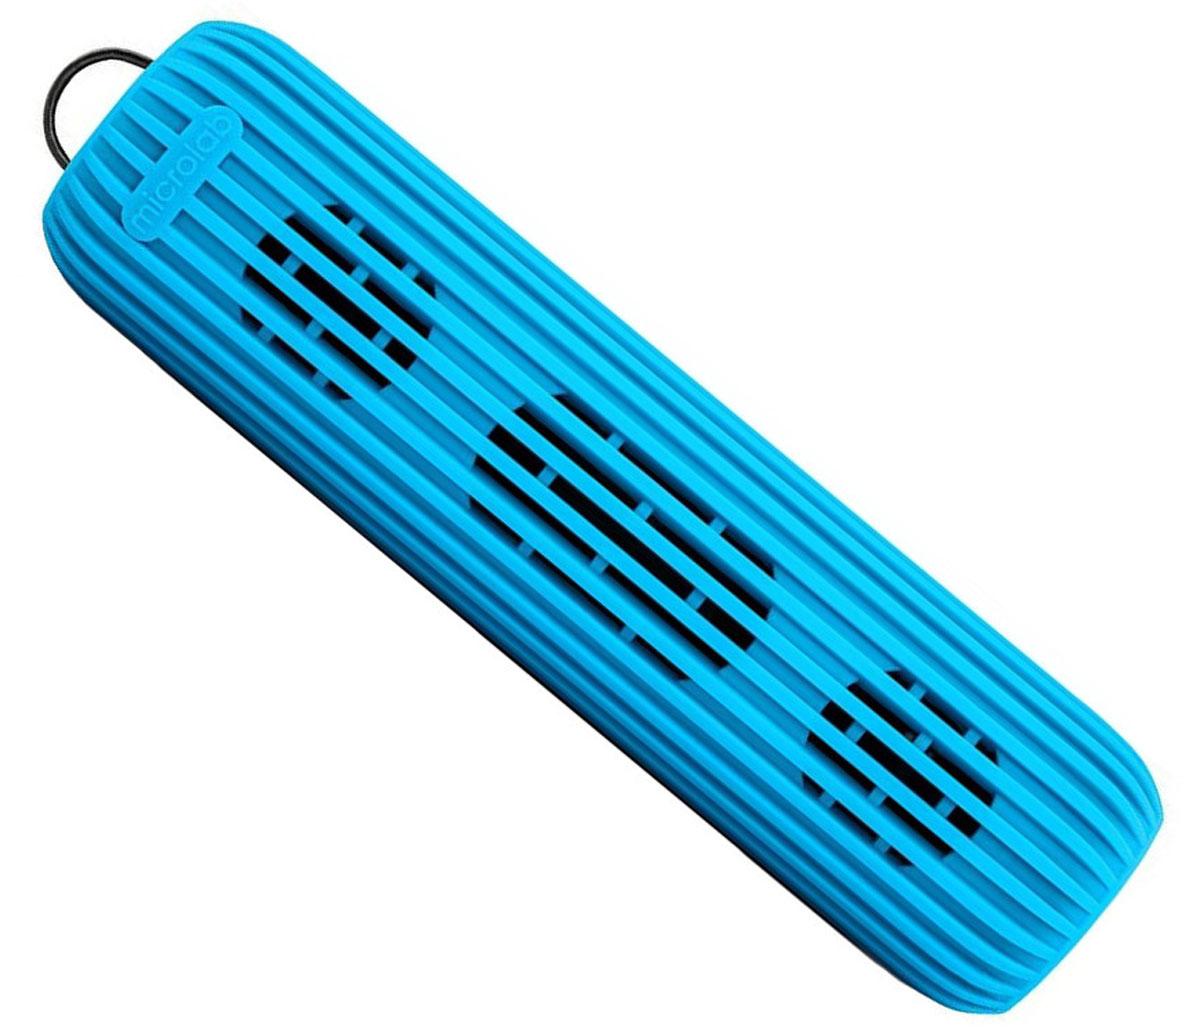 Microlab D21, Blue портативная акустическая система80528Акустическая система необычной формы и дизайна ориентирована на людей, ведущих активный образ жизни. D21способна стать прекрасным спутником как на небольшом пикнике на природе, так и в долгом походе. Благодарясиликоновому покрытию корпуса, сателлит прощает слушателю небольшие ударные воздействия, а такжепрекрасно переносит как росу, так и небольшой дождик, что наряду с пылью, может стать фатальным для другихпортативных акустических систем.Небольшие размеры обеспечивают портативность системы, она не занимает много места и поместится в любомрюкзаке или сумке, а идущий в комплекте шнурок способен закрепить сателлит в походном варианте, позволяяизбежать потери колонки.В Bluetooth-режиме при входящем звонке на телефон, можно ответить на звонок через сателлит. Благодарявстроенному в колонку микрофону, телефон искать не обязательно.Колонка способна воспроизводить музыку без источника звука. Чтобы послушать музыку, вам не обязательноразряжать собственный телефон, достаточно вставить Micro SD-card в колонку и наслаждаться любимымимелодиями.Многообразие цветов. Microlab D21 представлена в 5 цветах, можно выбрать ту расцветку, которая подходитименно вам.Литиевая батарея: 3,7 В; 1200 мАч